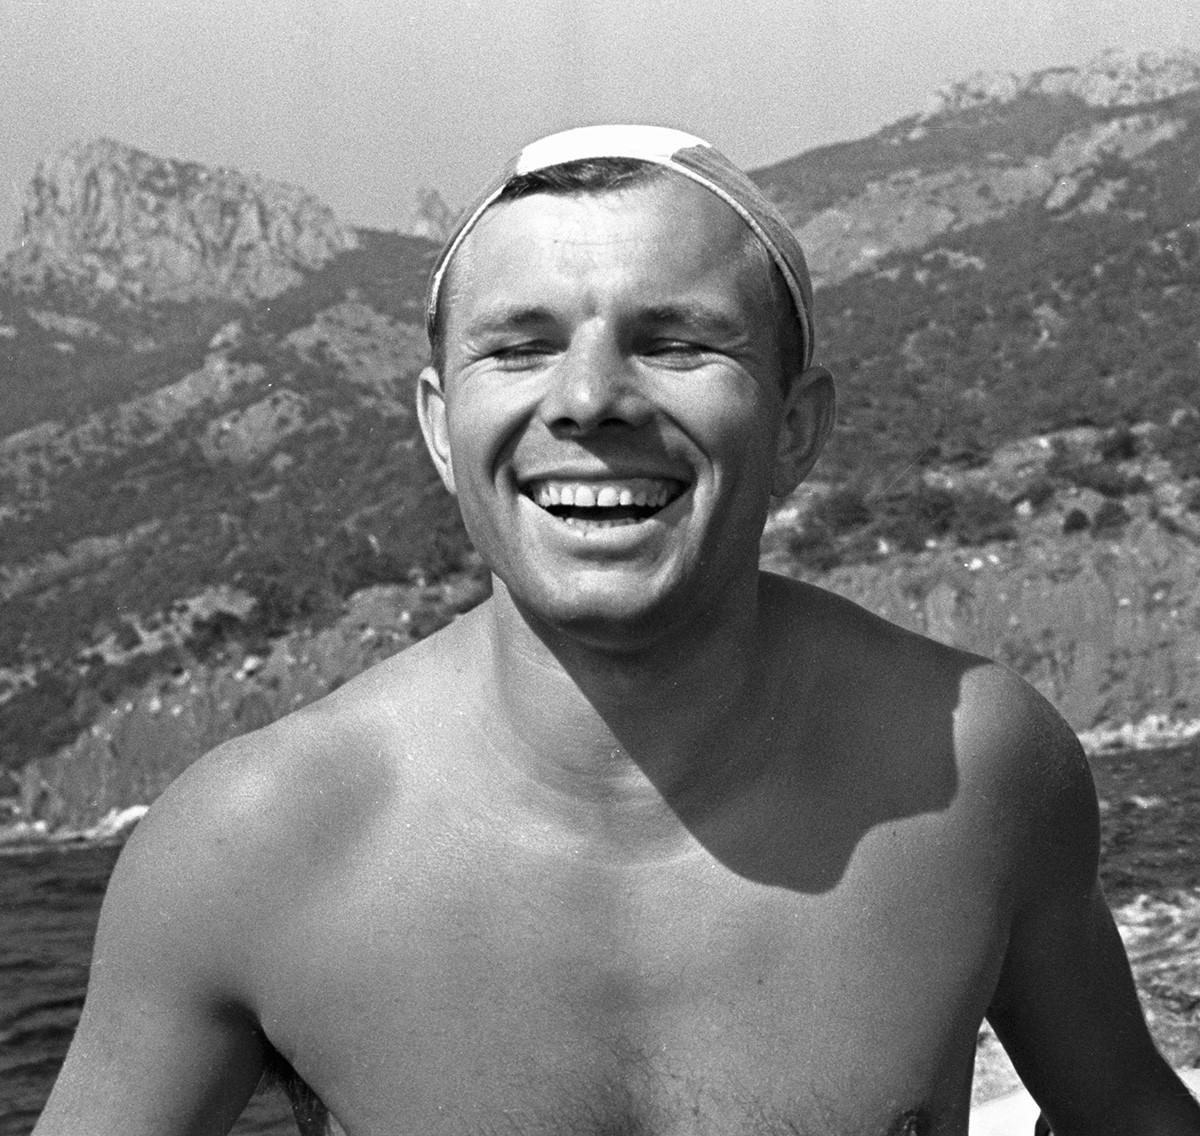 クリミアで休暇を過ごすガガーリン、1961年